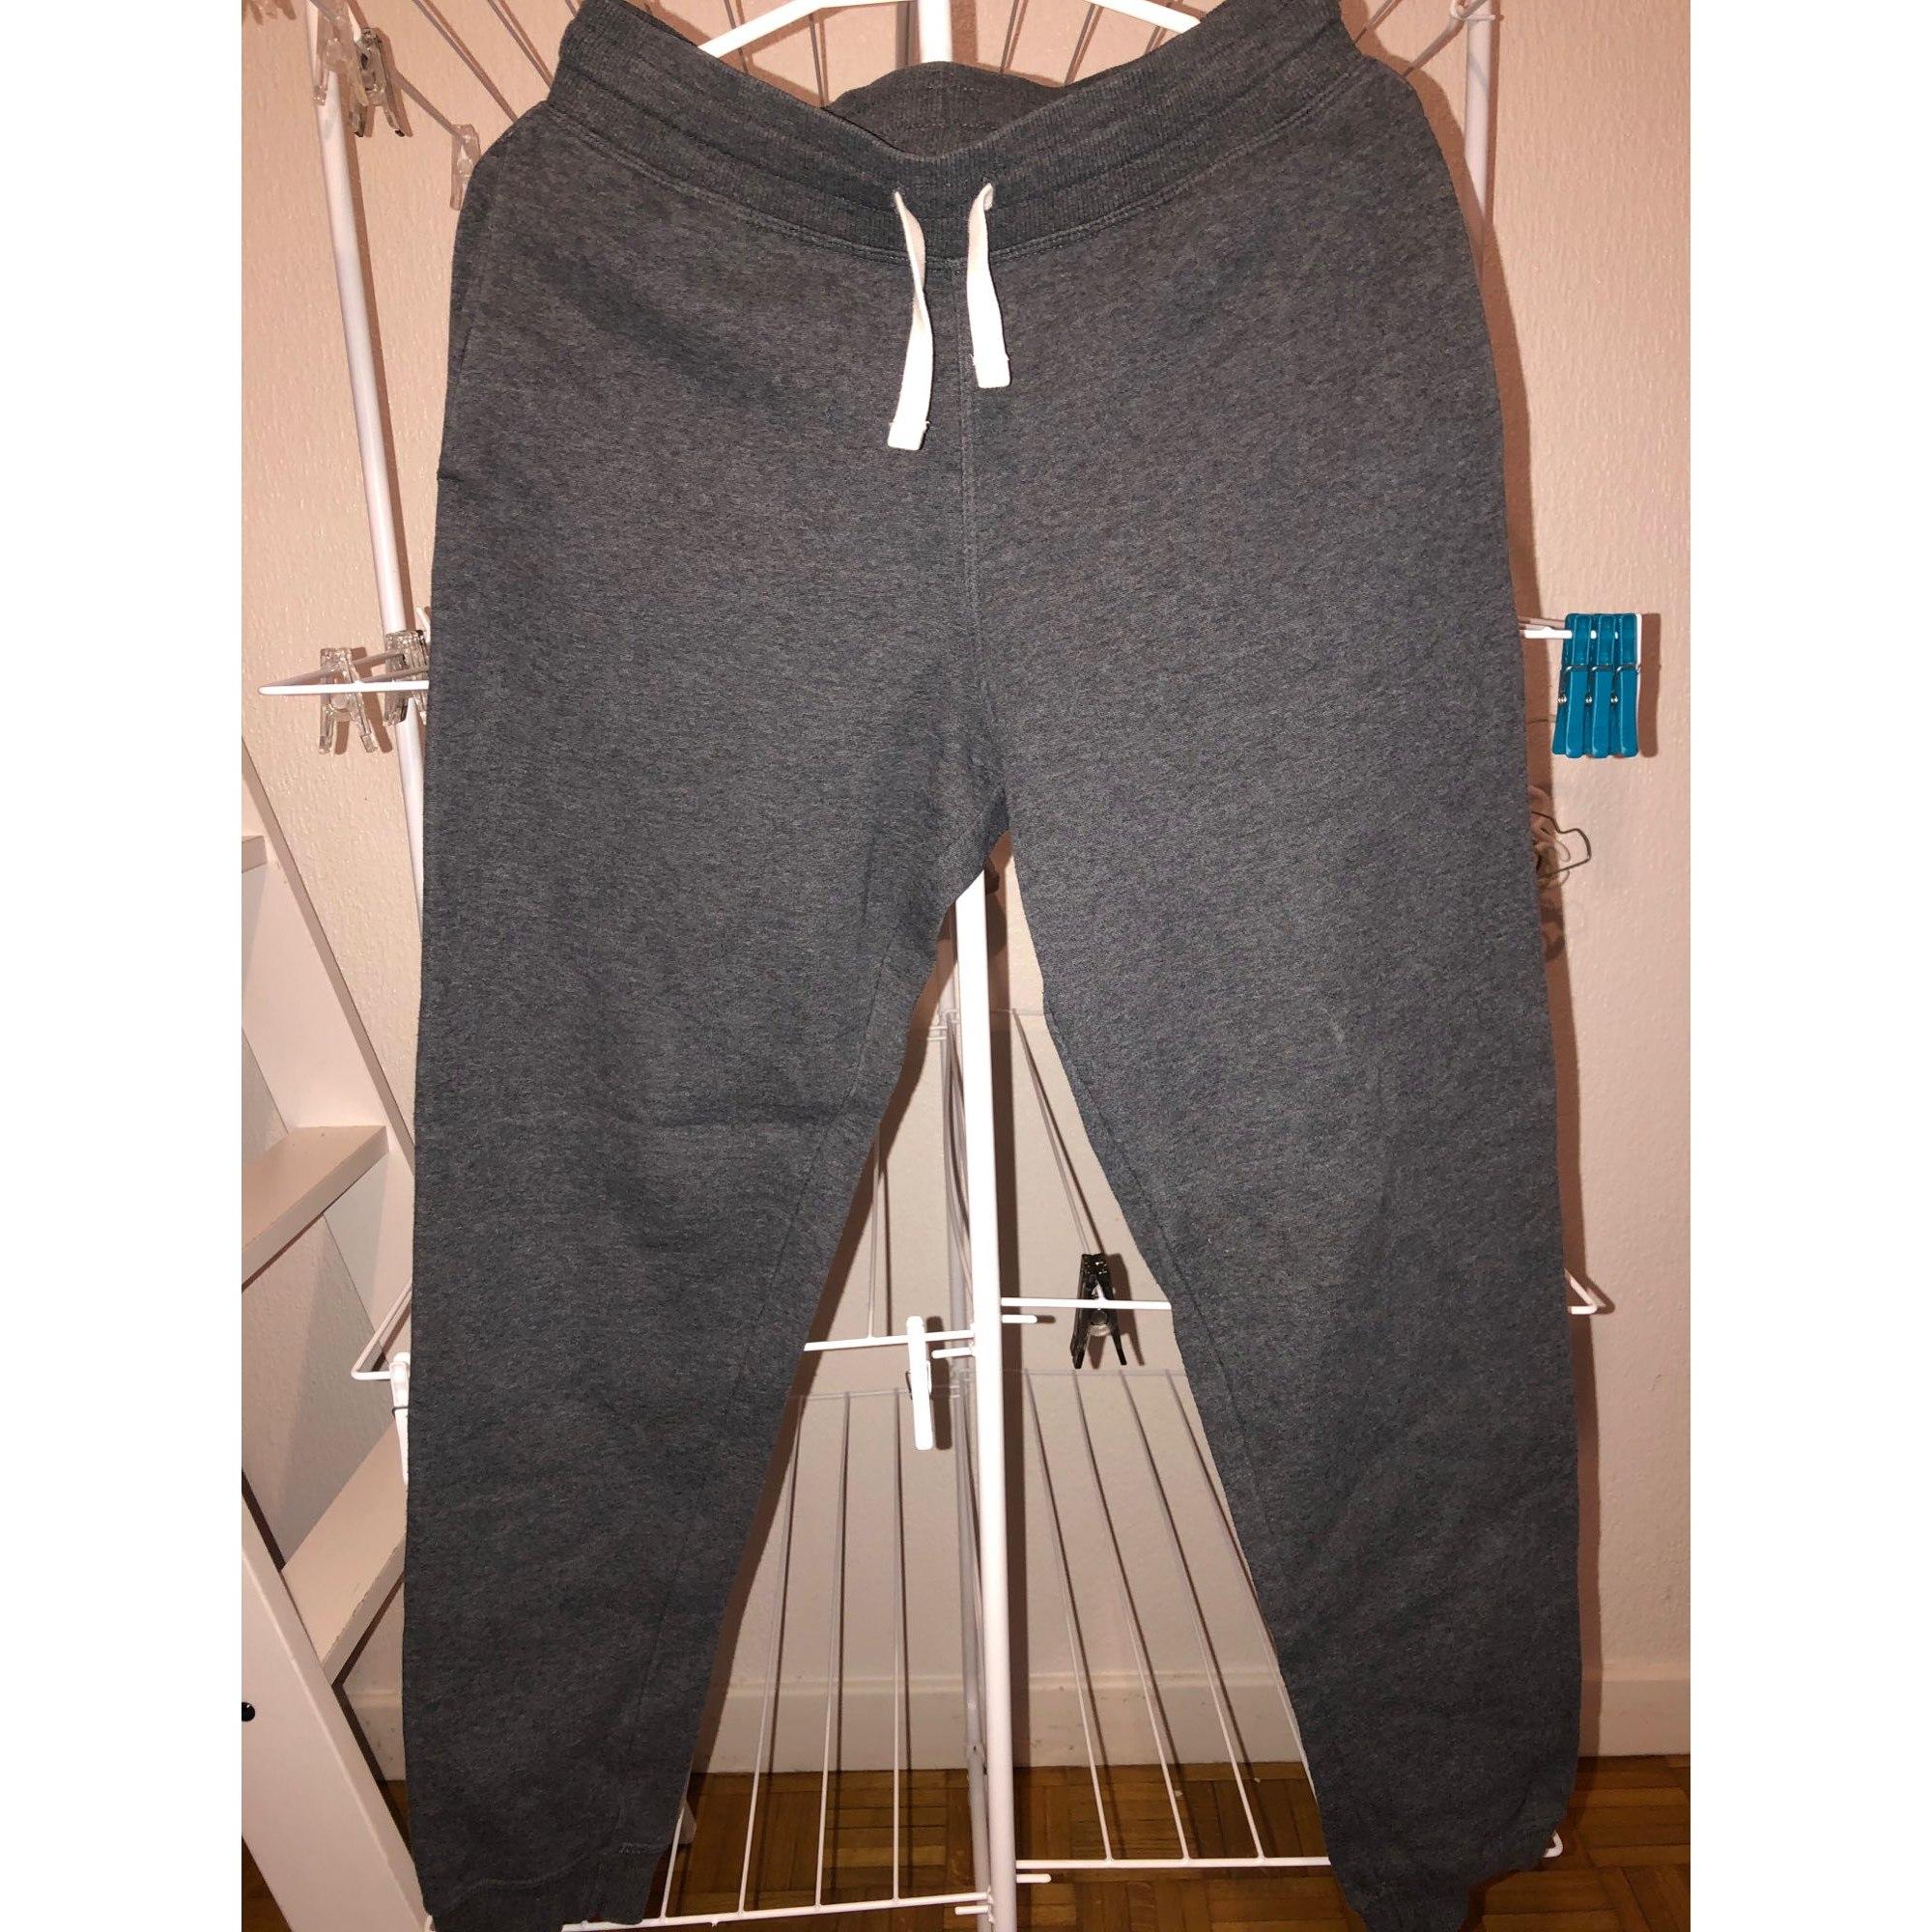 Pantalon de survêtement H&M Gris, anthracite